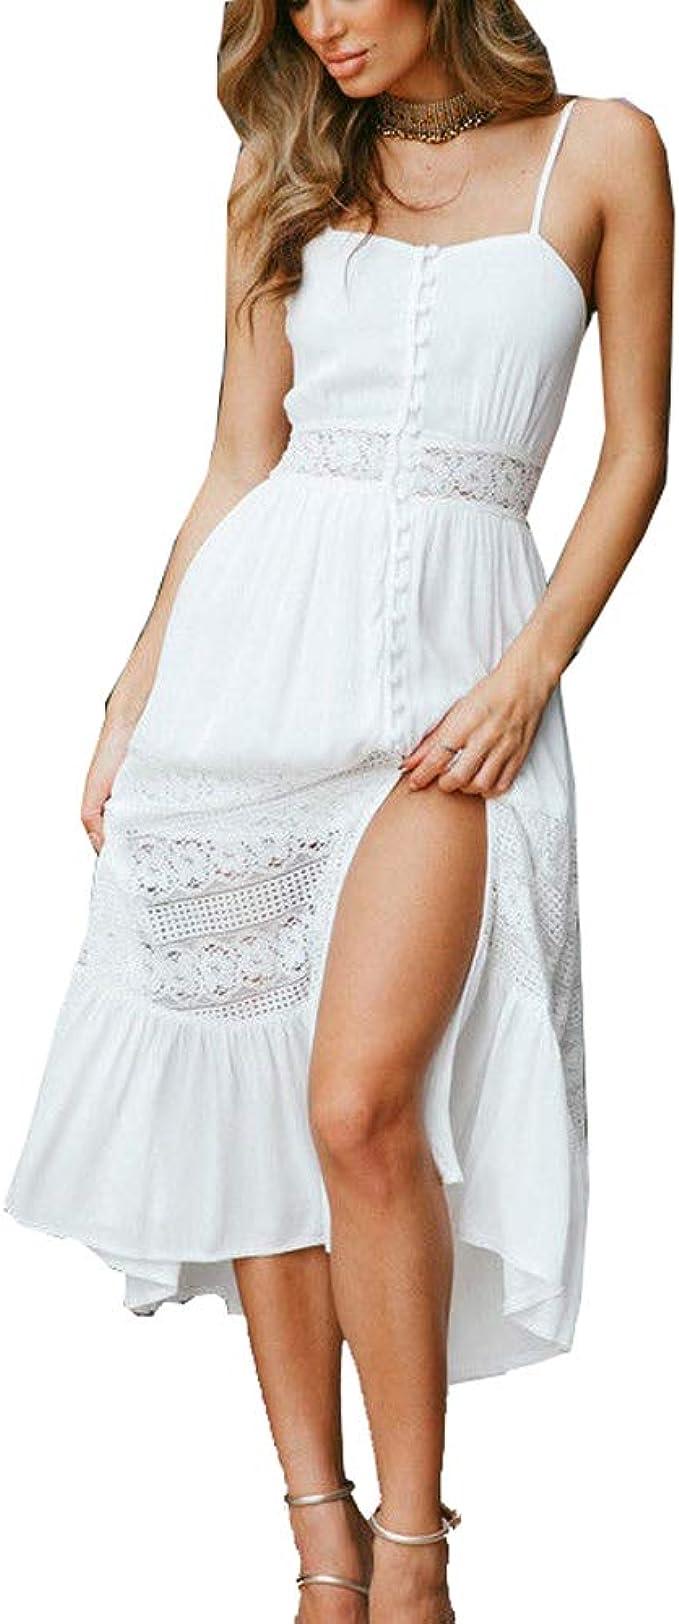 ACLOIN Damen Sommerkleid Lang, Sommer Strandkleider Weiß Häkeln Spitze,  Button down Sommer Kleid, Spaghetti Kleid